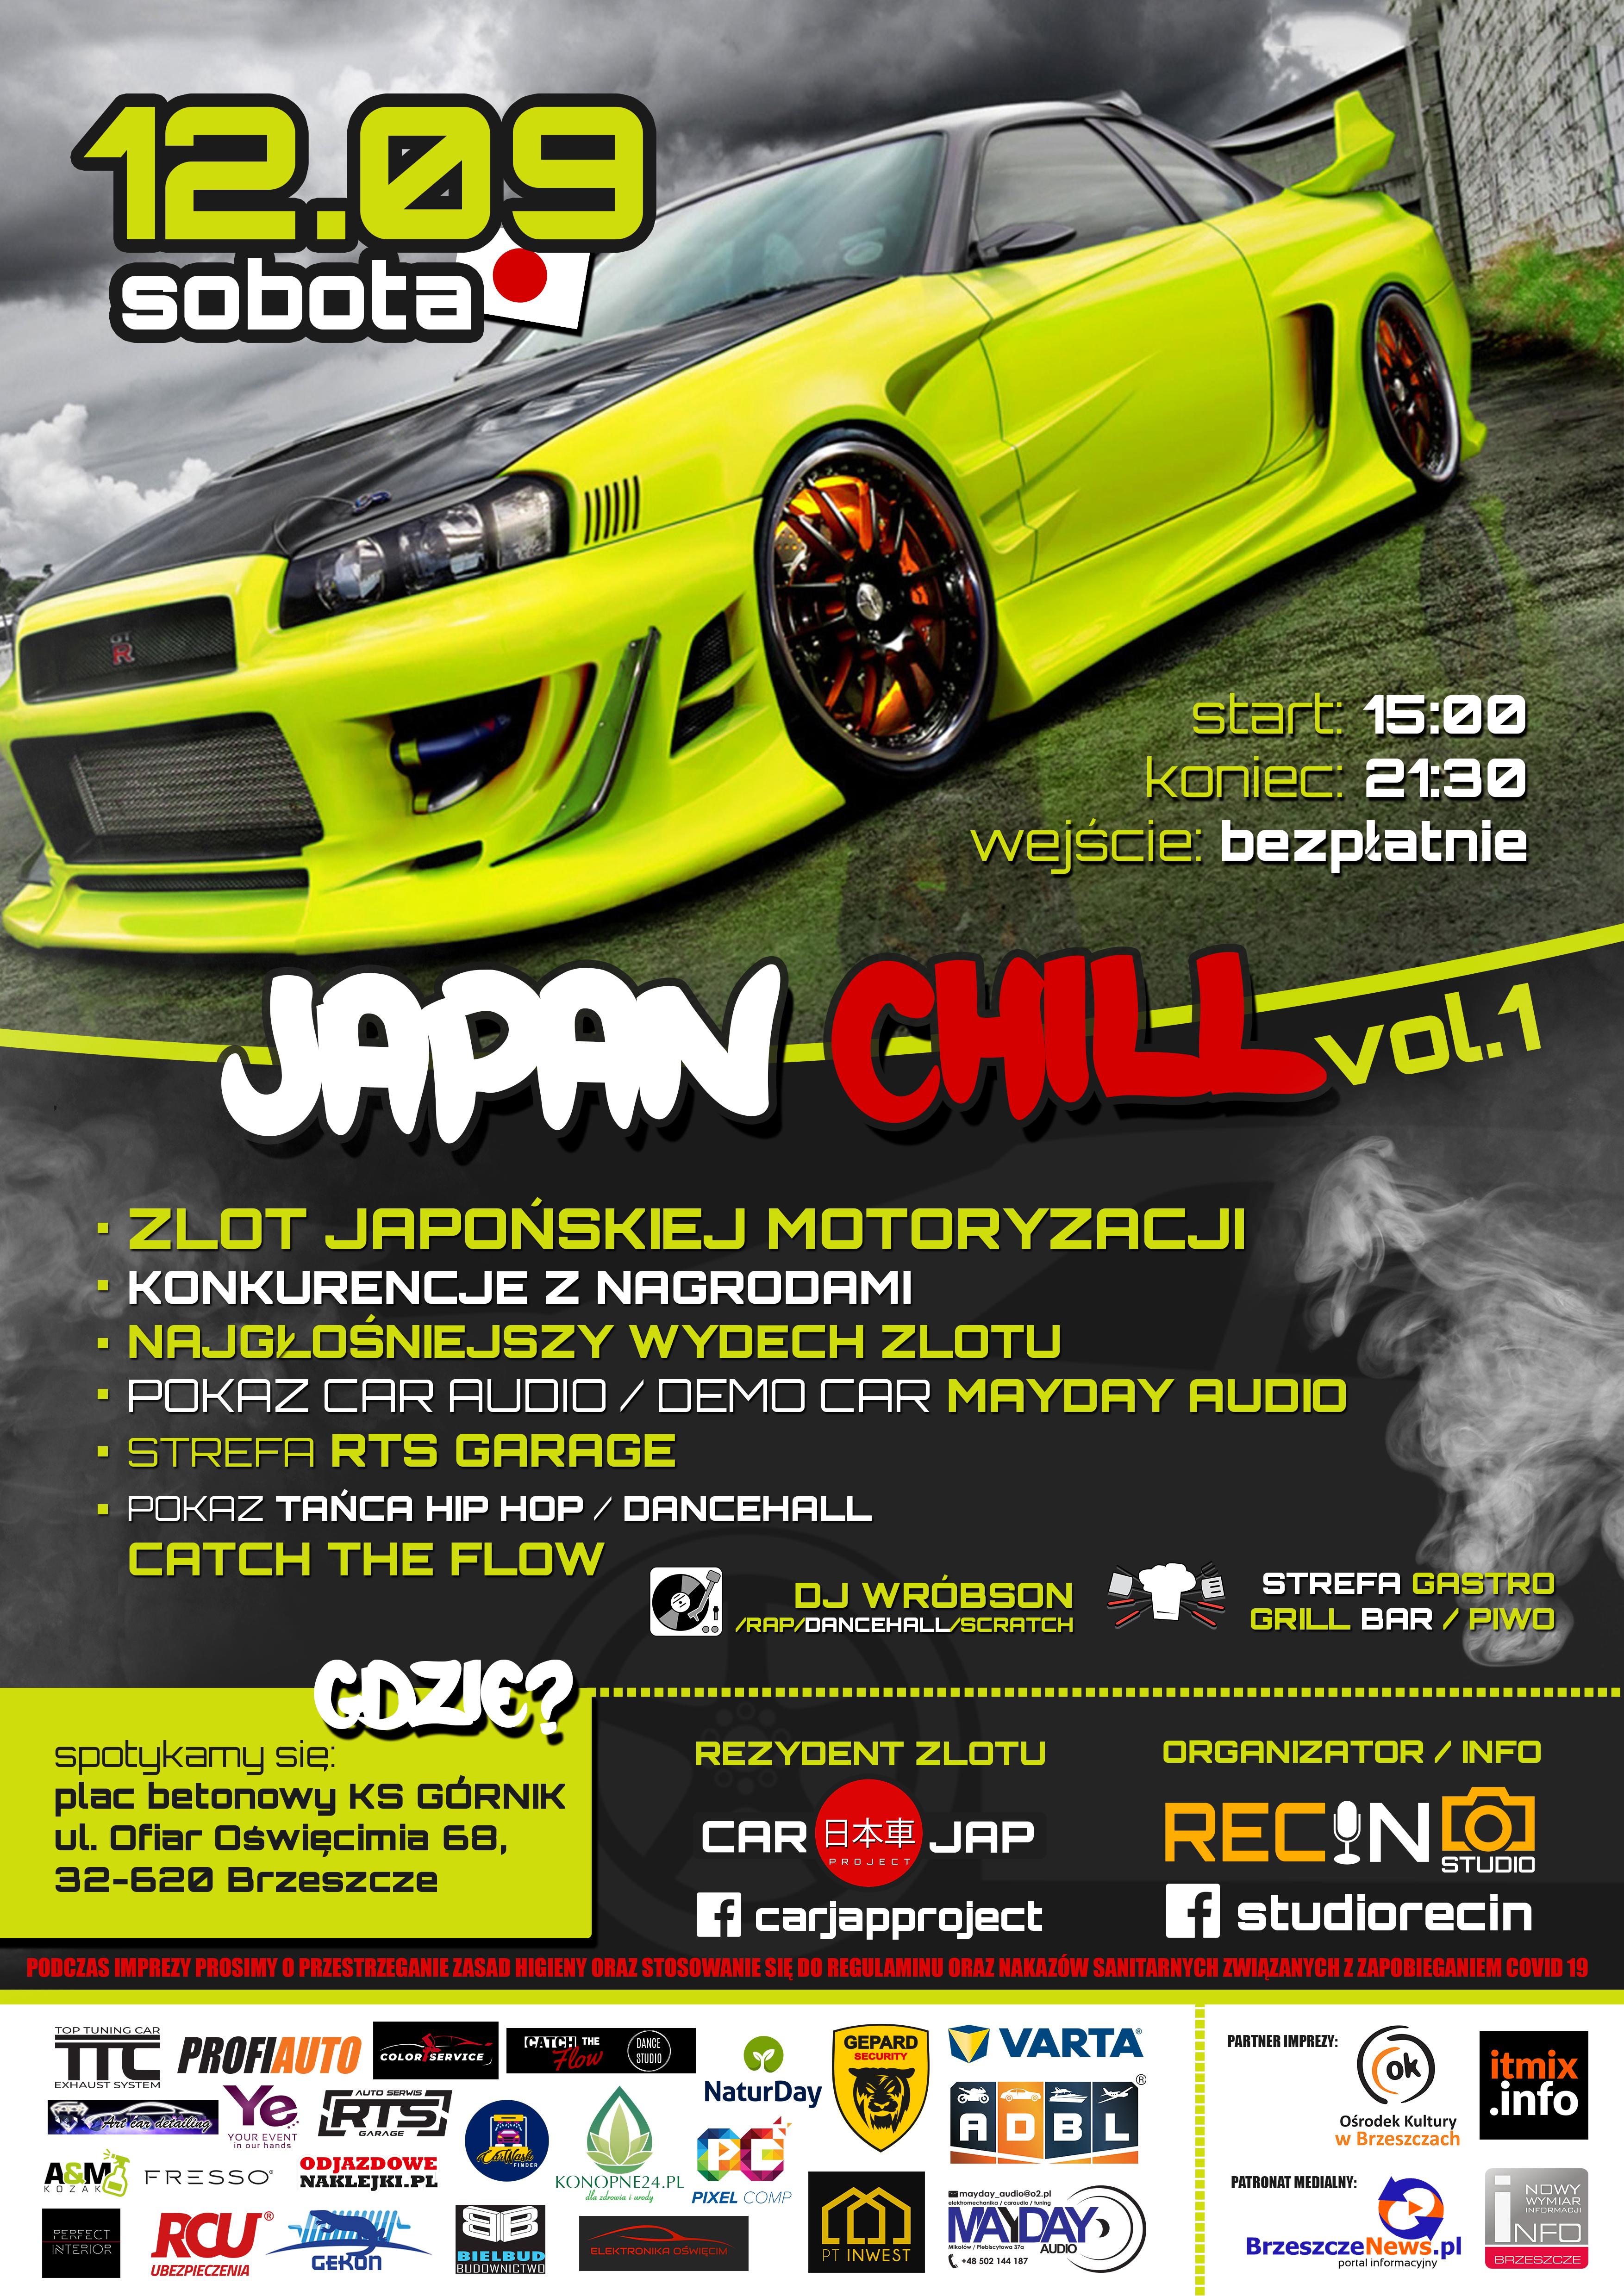 Japan Chill BrzeszczeNews